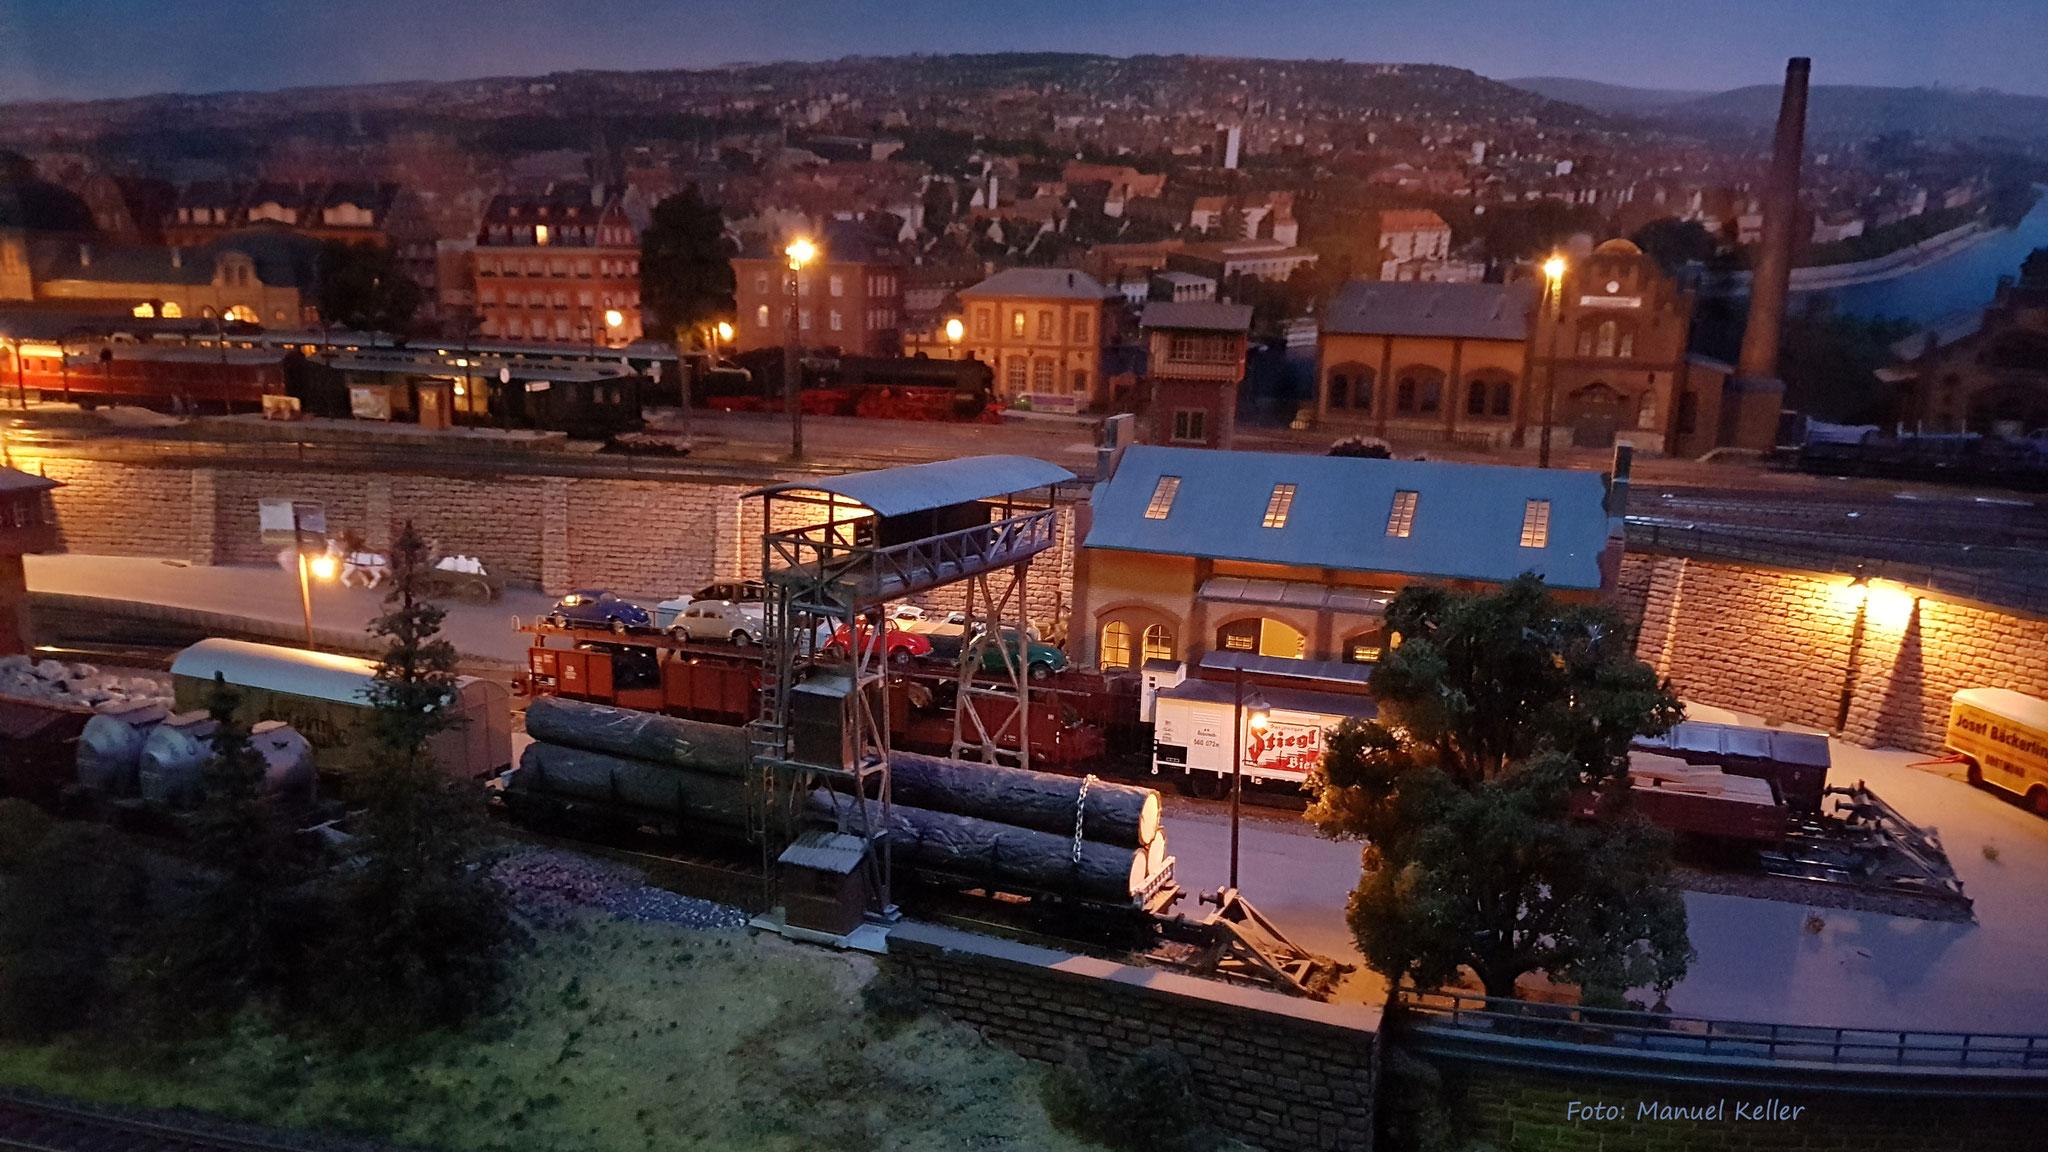 Der Güterbahnhof von BADEN-BADEN bei Nacht